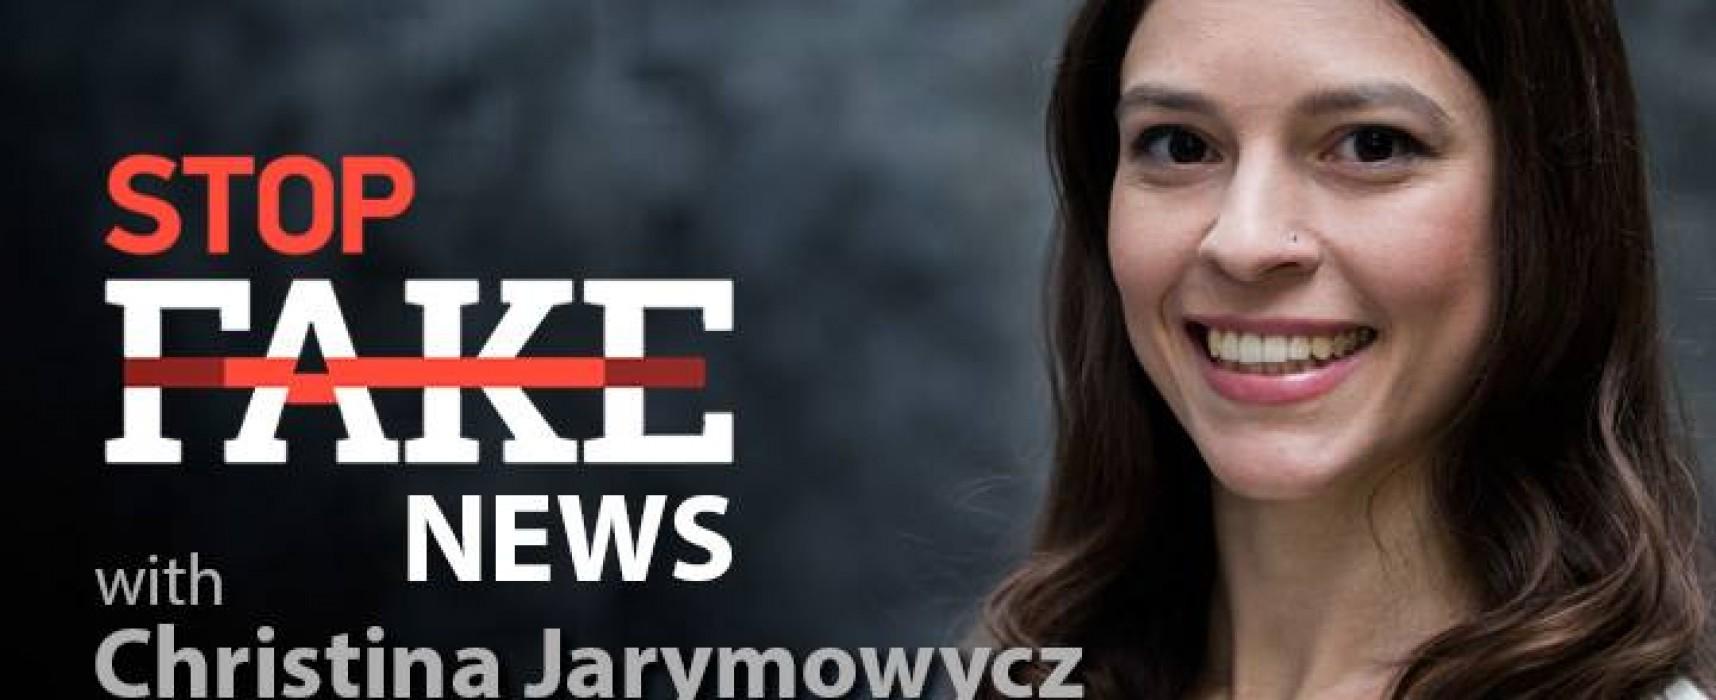 StopFakeNews #62. [ENG] with Christina Jarymowycz